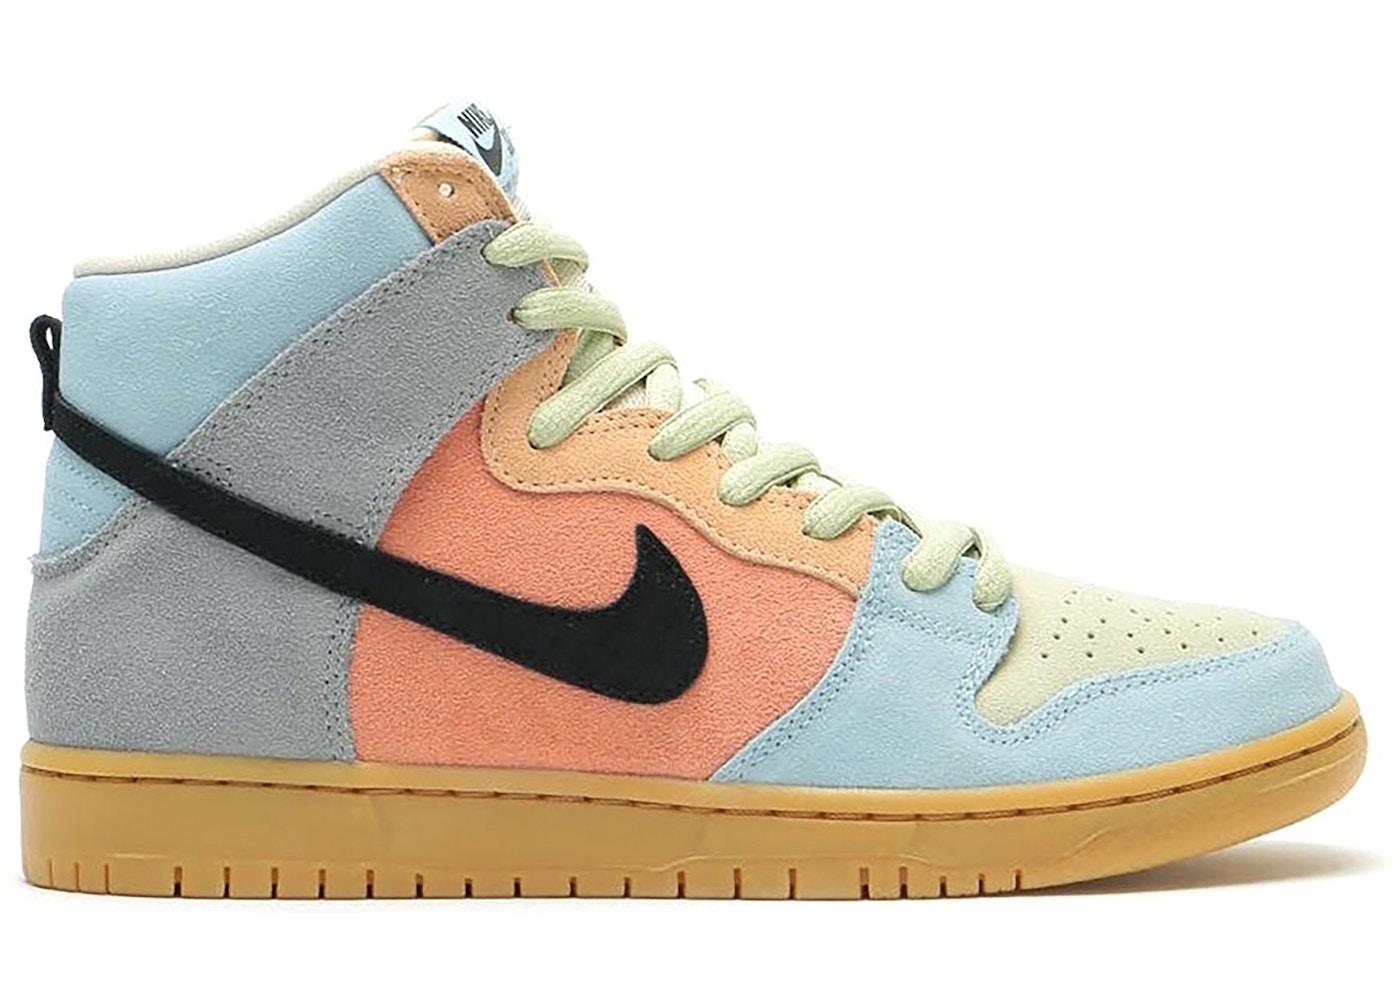 Nike SB Other Schuhe Preis Premium